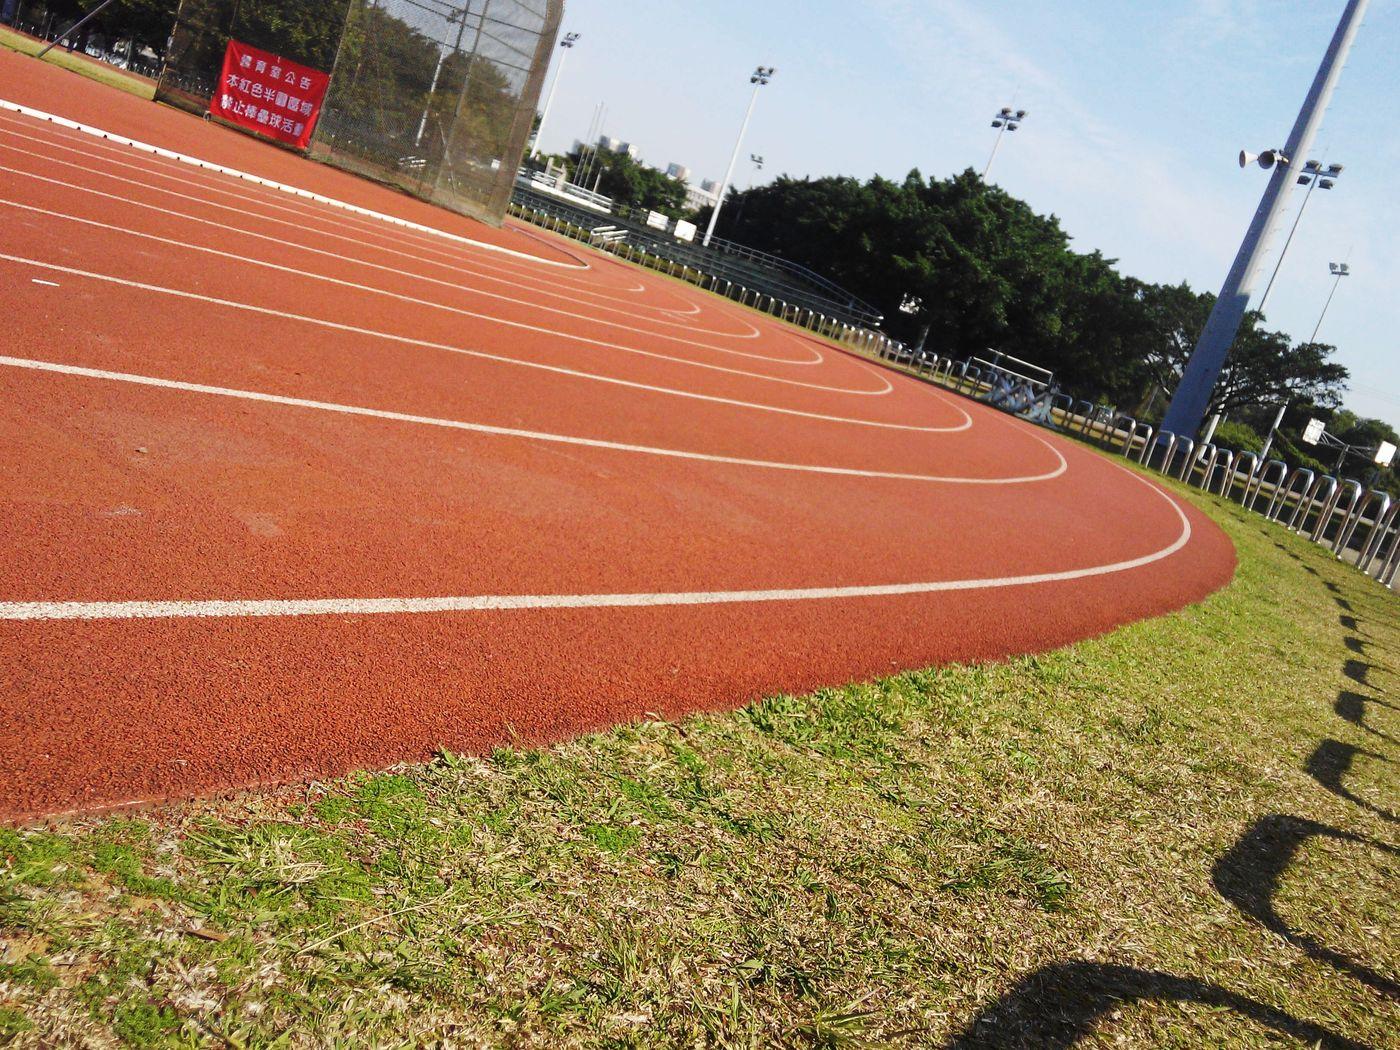 曬太陽~Sunny Day Sports Field Saturday